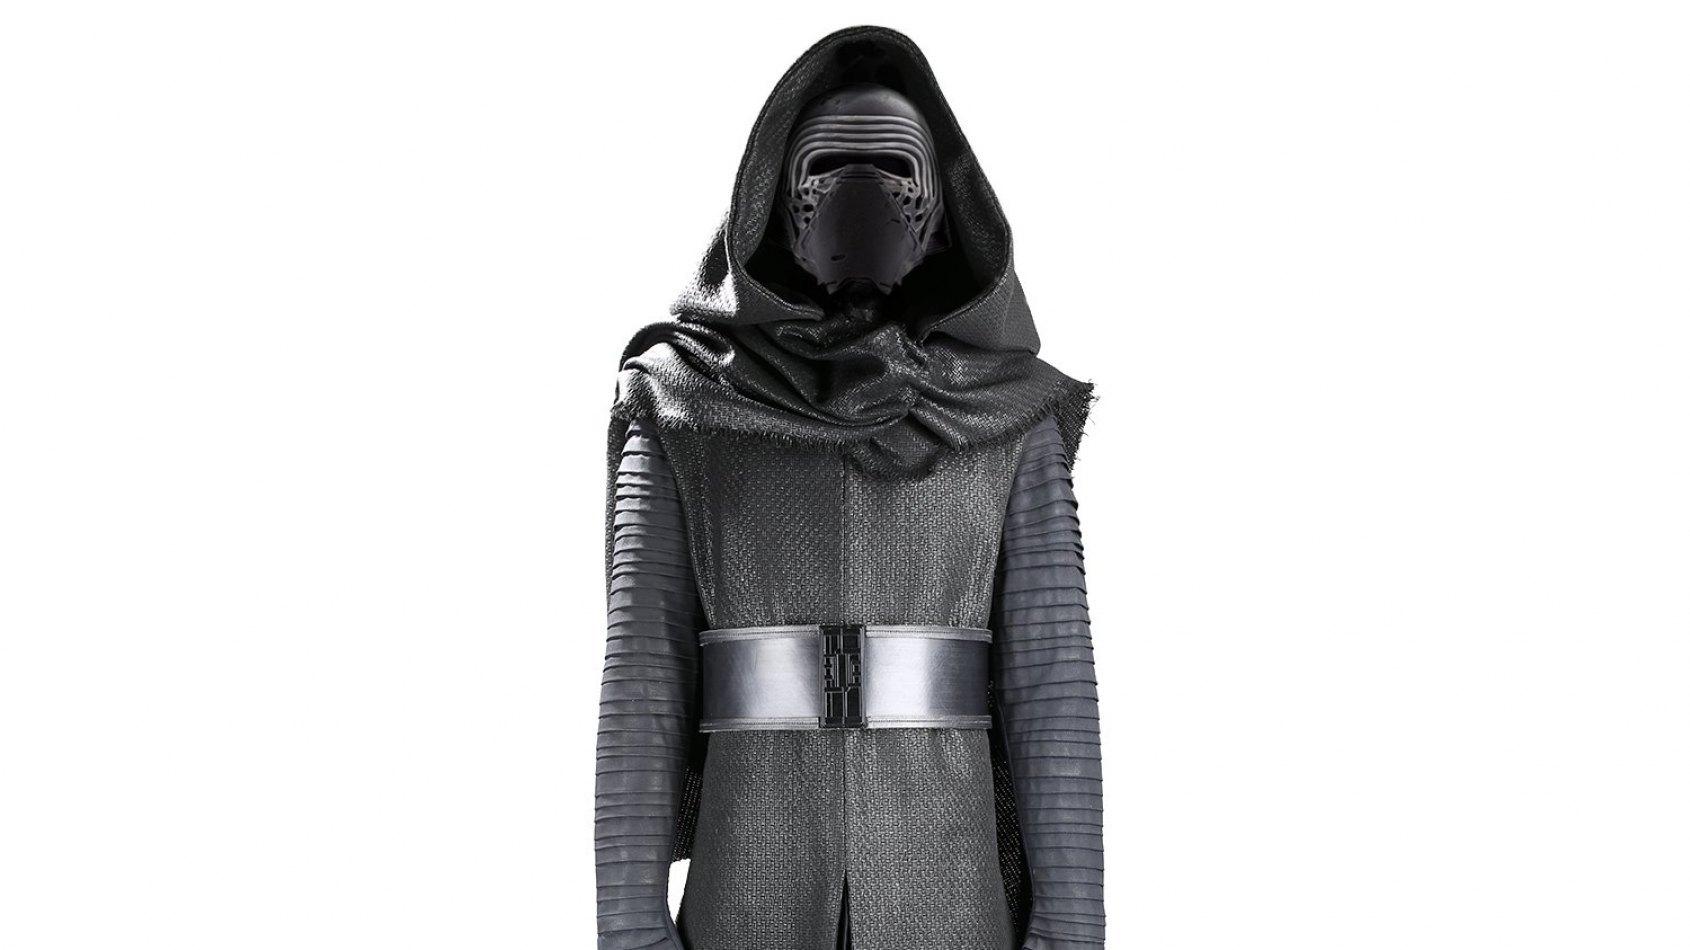 Le costume de Kylo Ren est en vente !